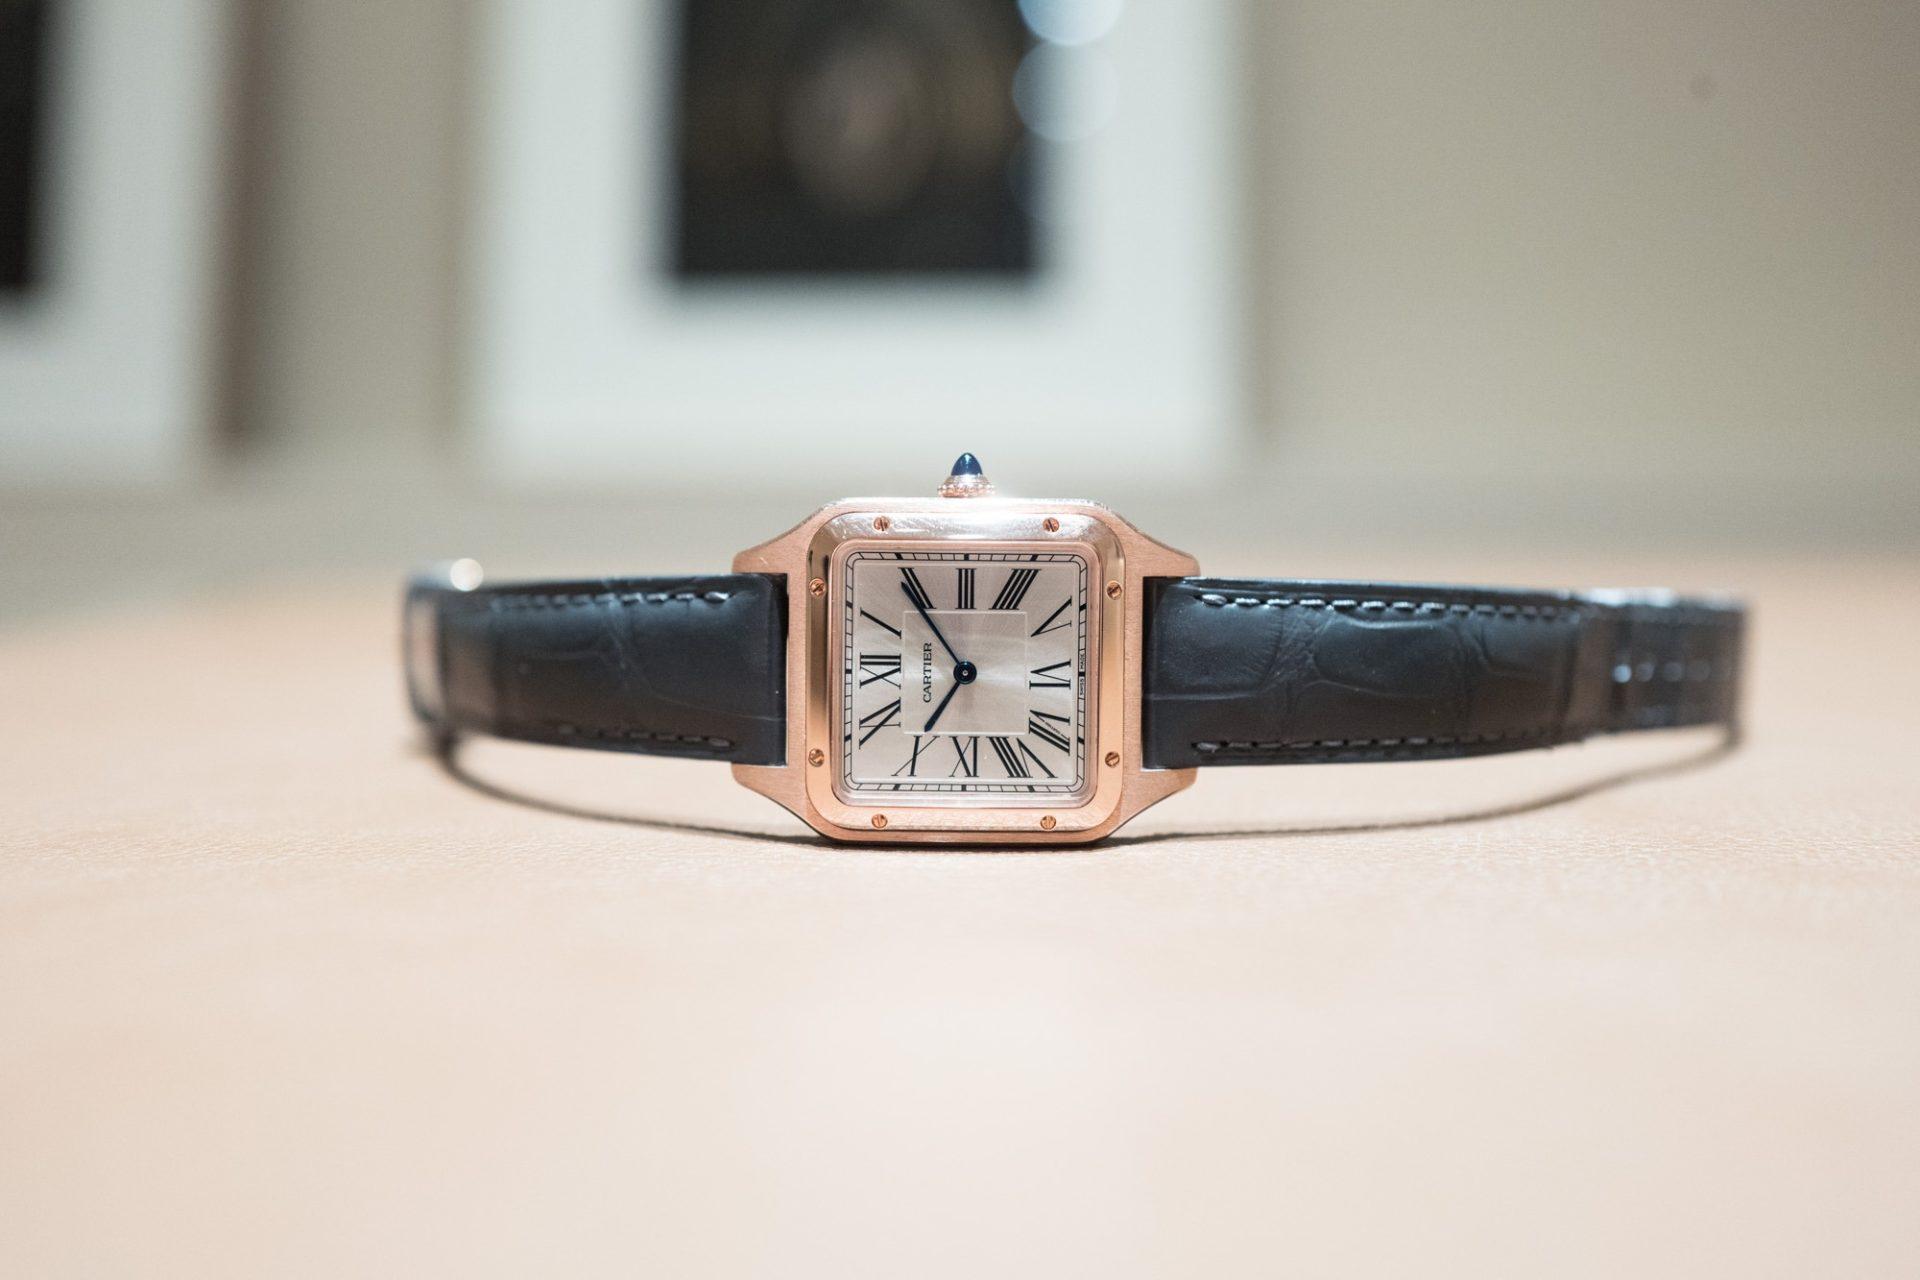 SIHH 2019 - Santos de Cartier quartz